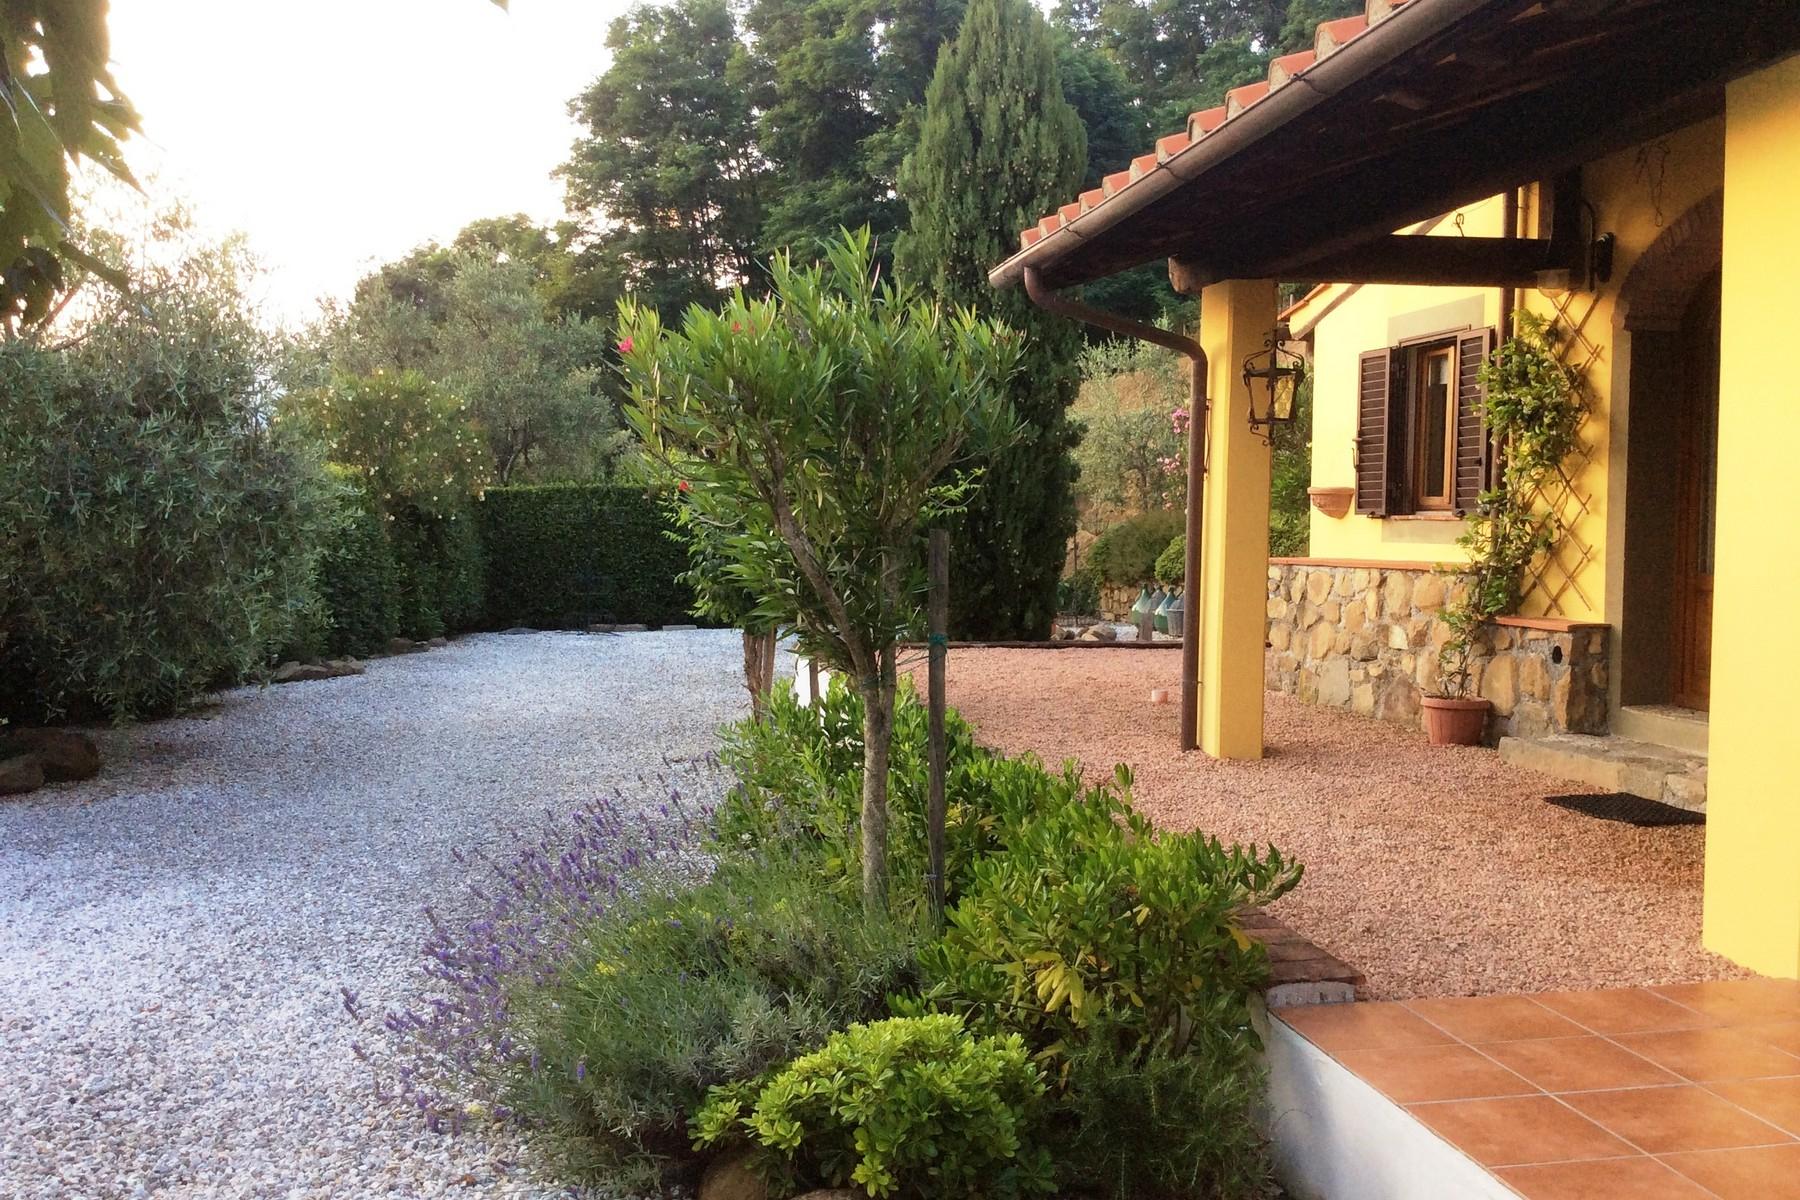 Villa in Vendita a Pescia: 5 locali, 291 mq - Foto 16